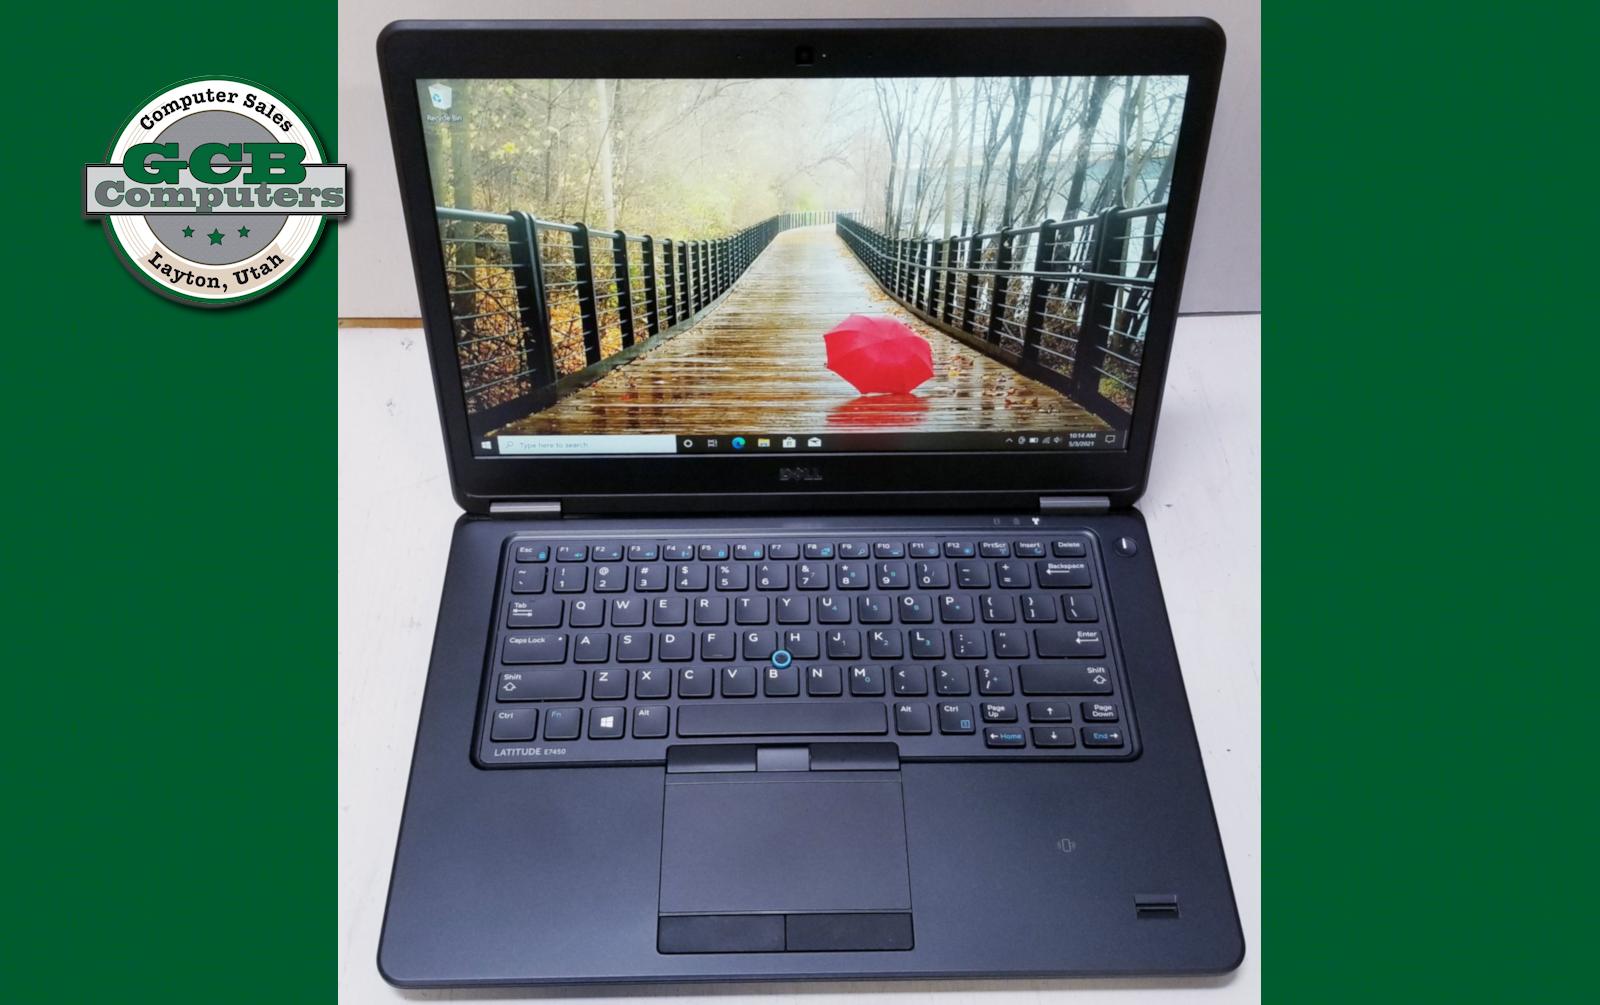 $200 Dell 7450 i5-5300U 256GB SSD 8GB RAM 1080p Screen